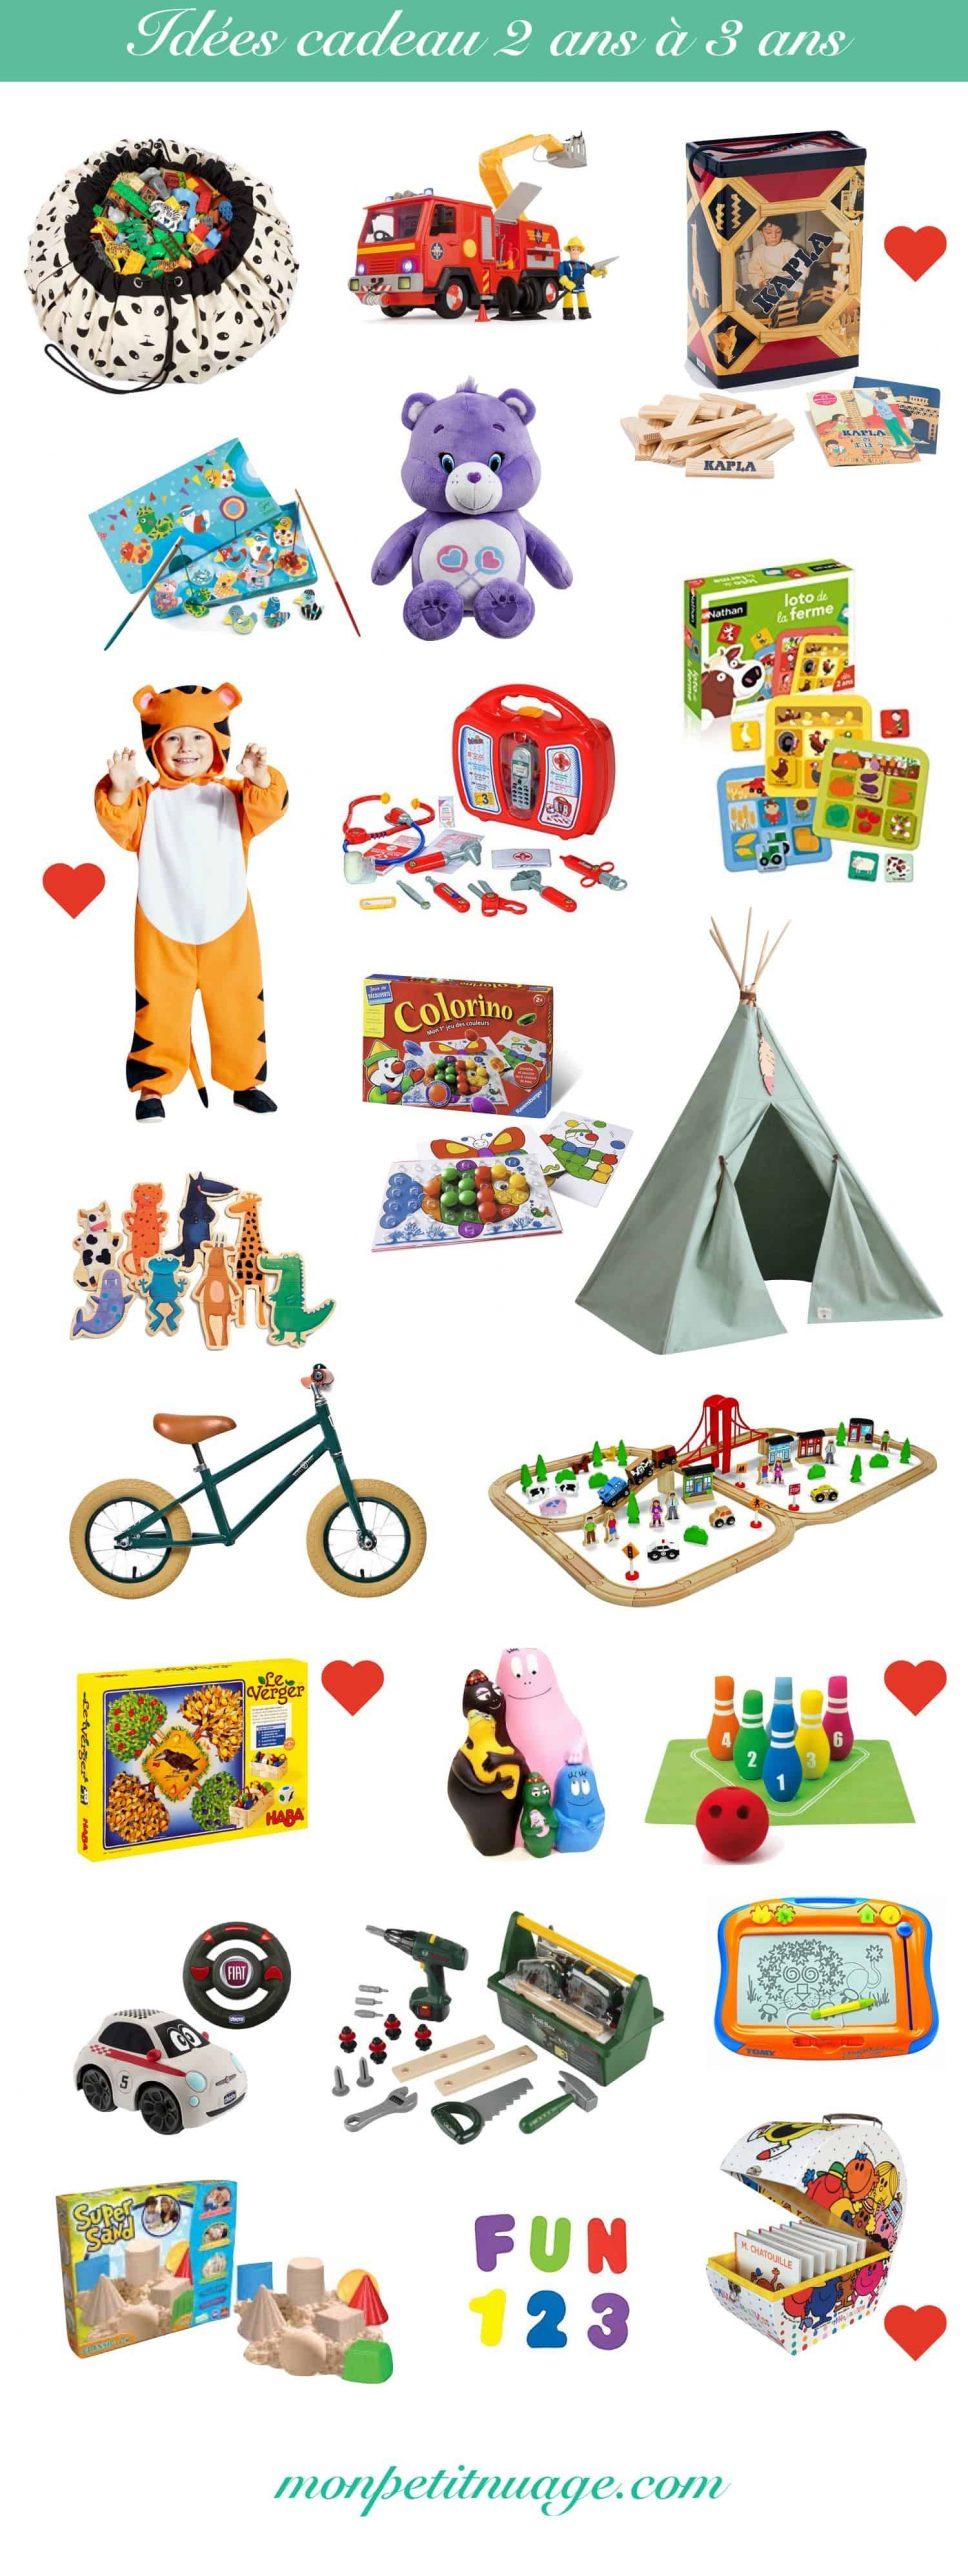 Idées Cadeaux Bébé & Enfant : 6 Mois, 1 An, 2 Ans, 3 Ans destiné Jeux Bebe 3 Ans